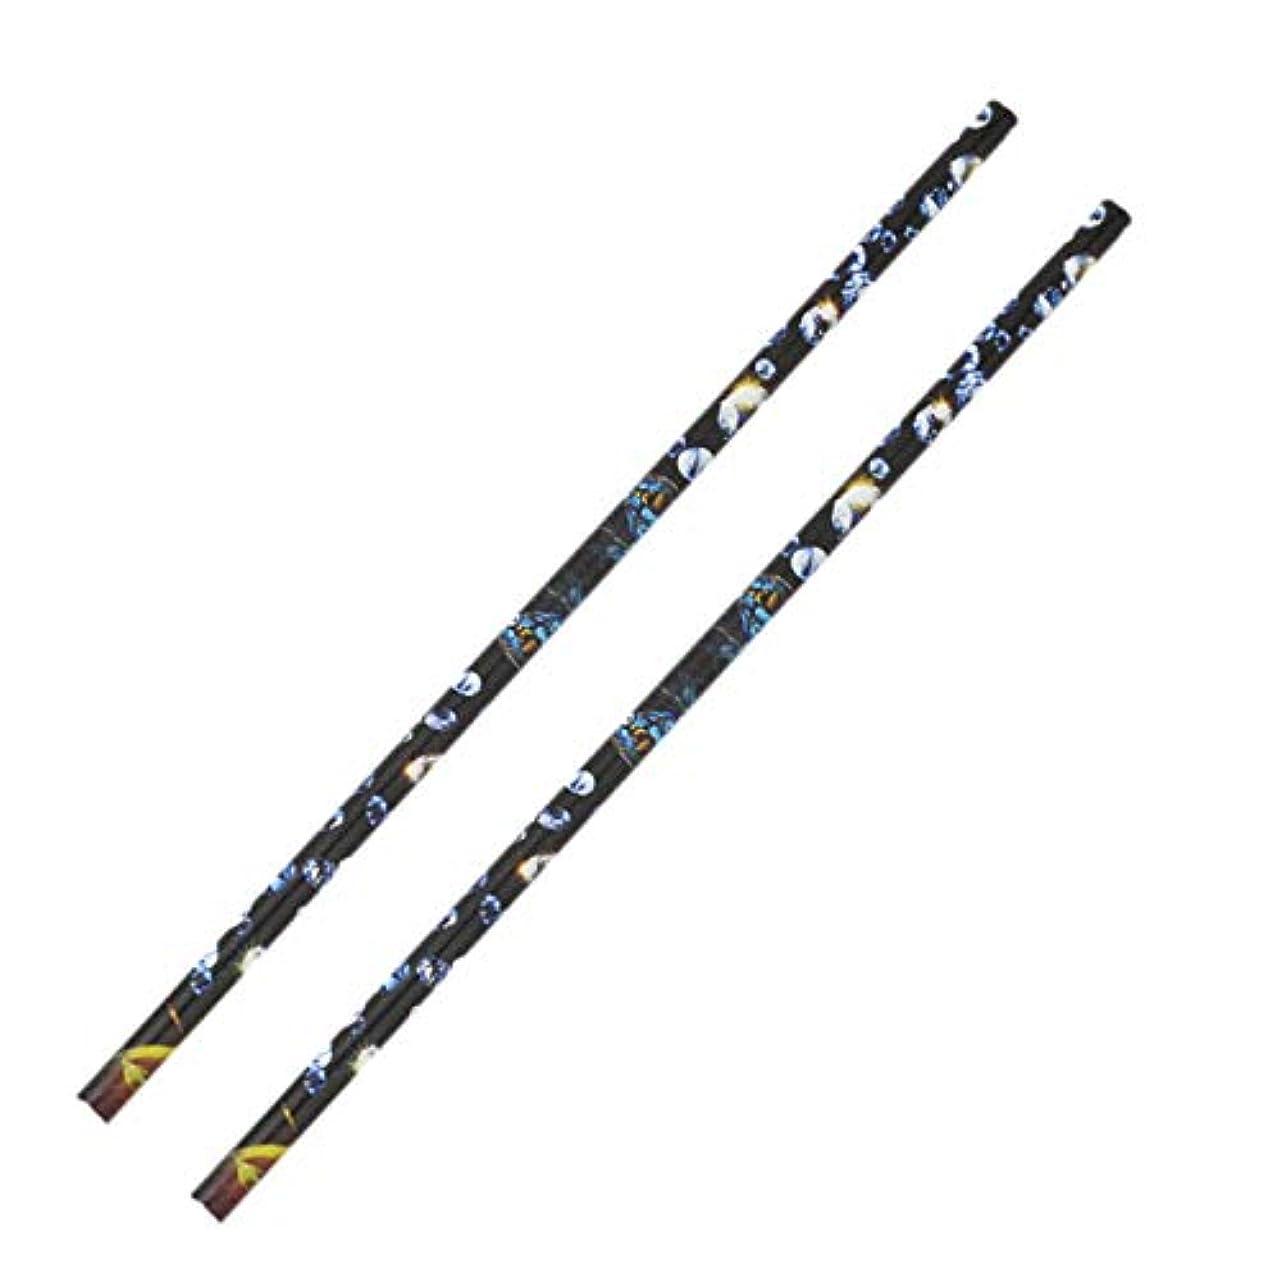 大騒ぎ分布本質的にCUHAWUDBA 2個 クリスタル ラインストーン ピッカー鉛筆ネイルアートクラフト装飾ツール ワックスペンDIYスティッキードリルクレヨンラインストーンスティックドリルペン マニキュアツール